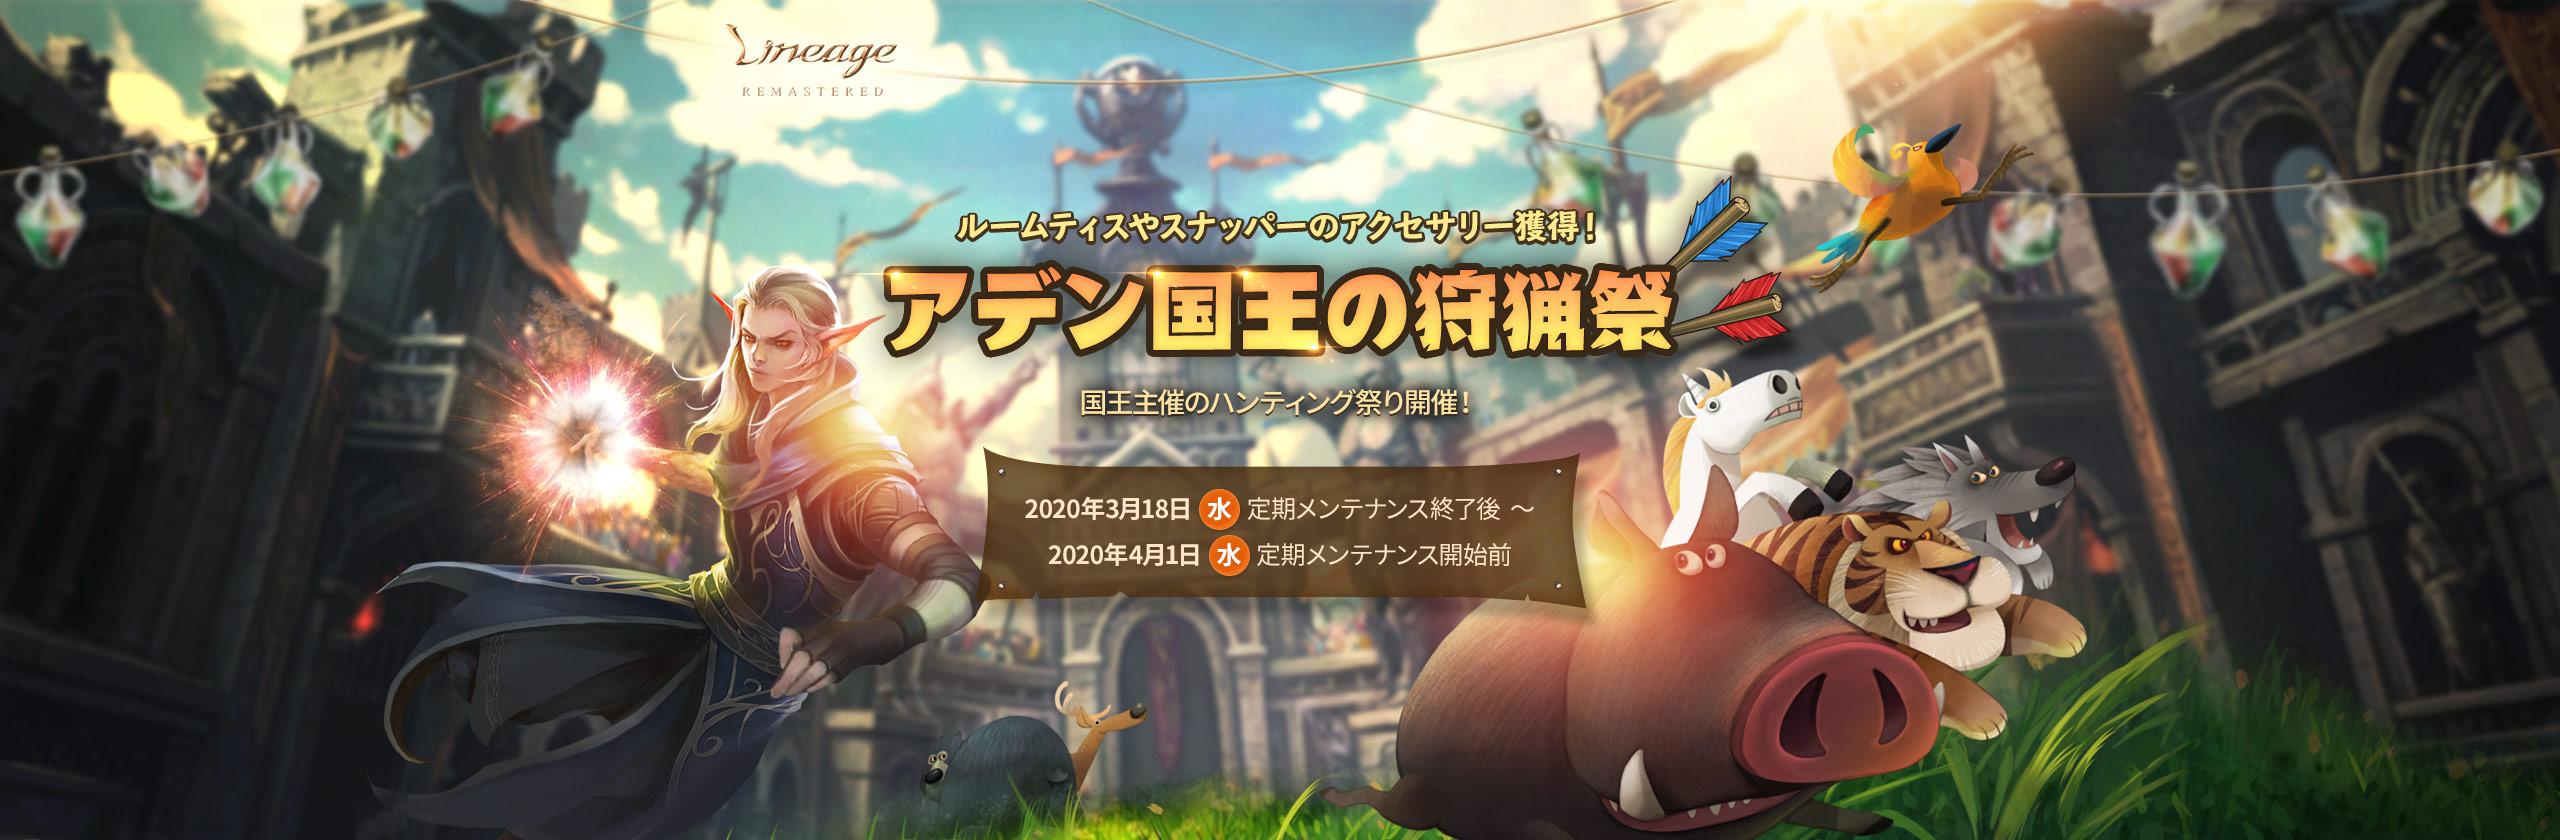 アデン国王の狩猟祭